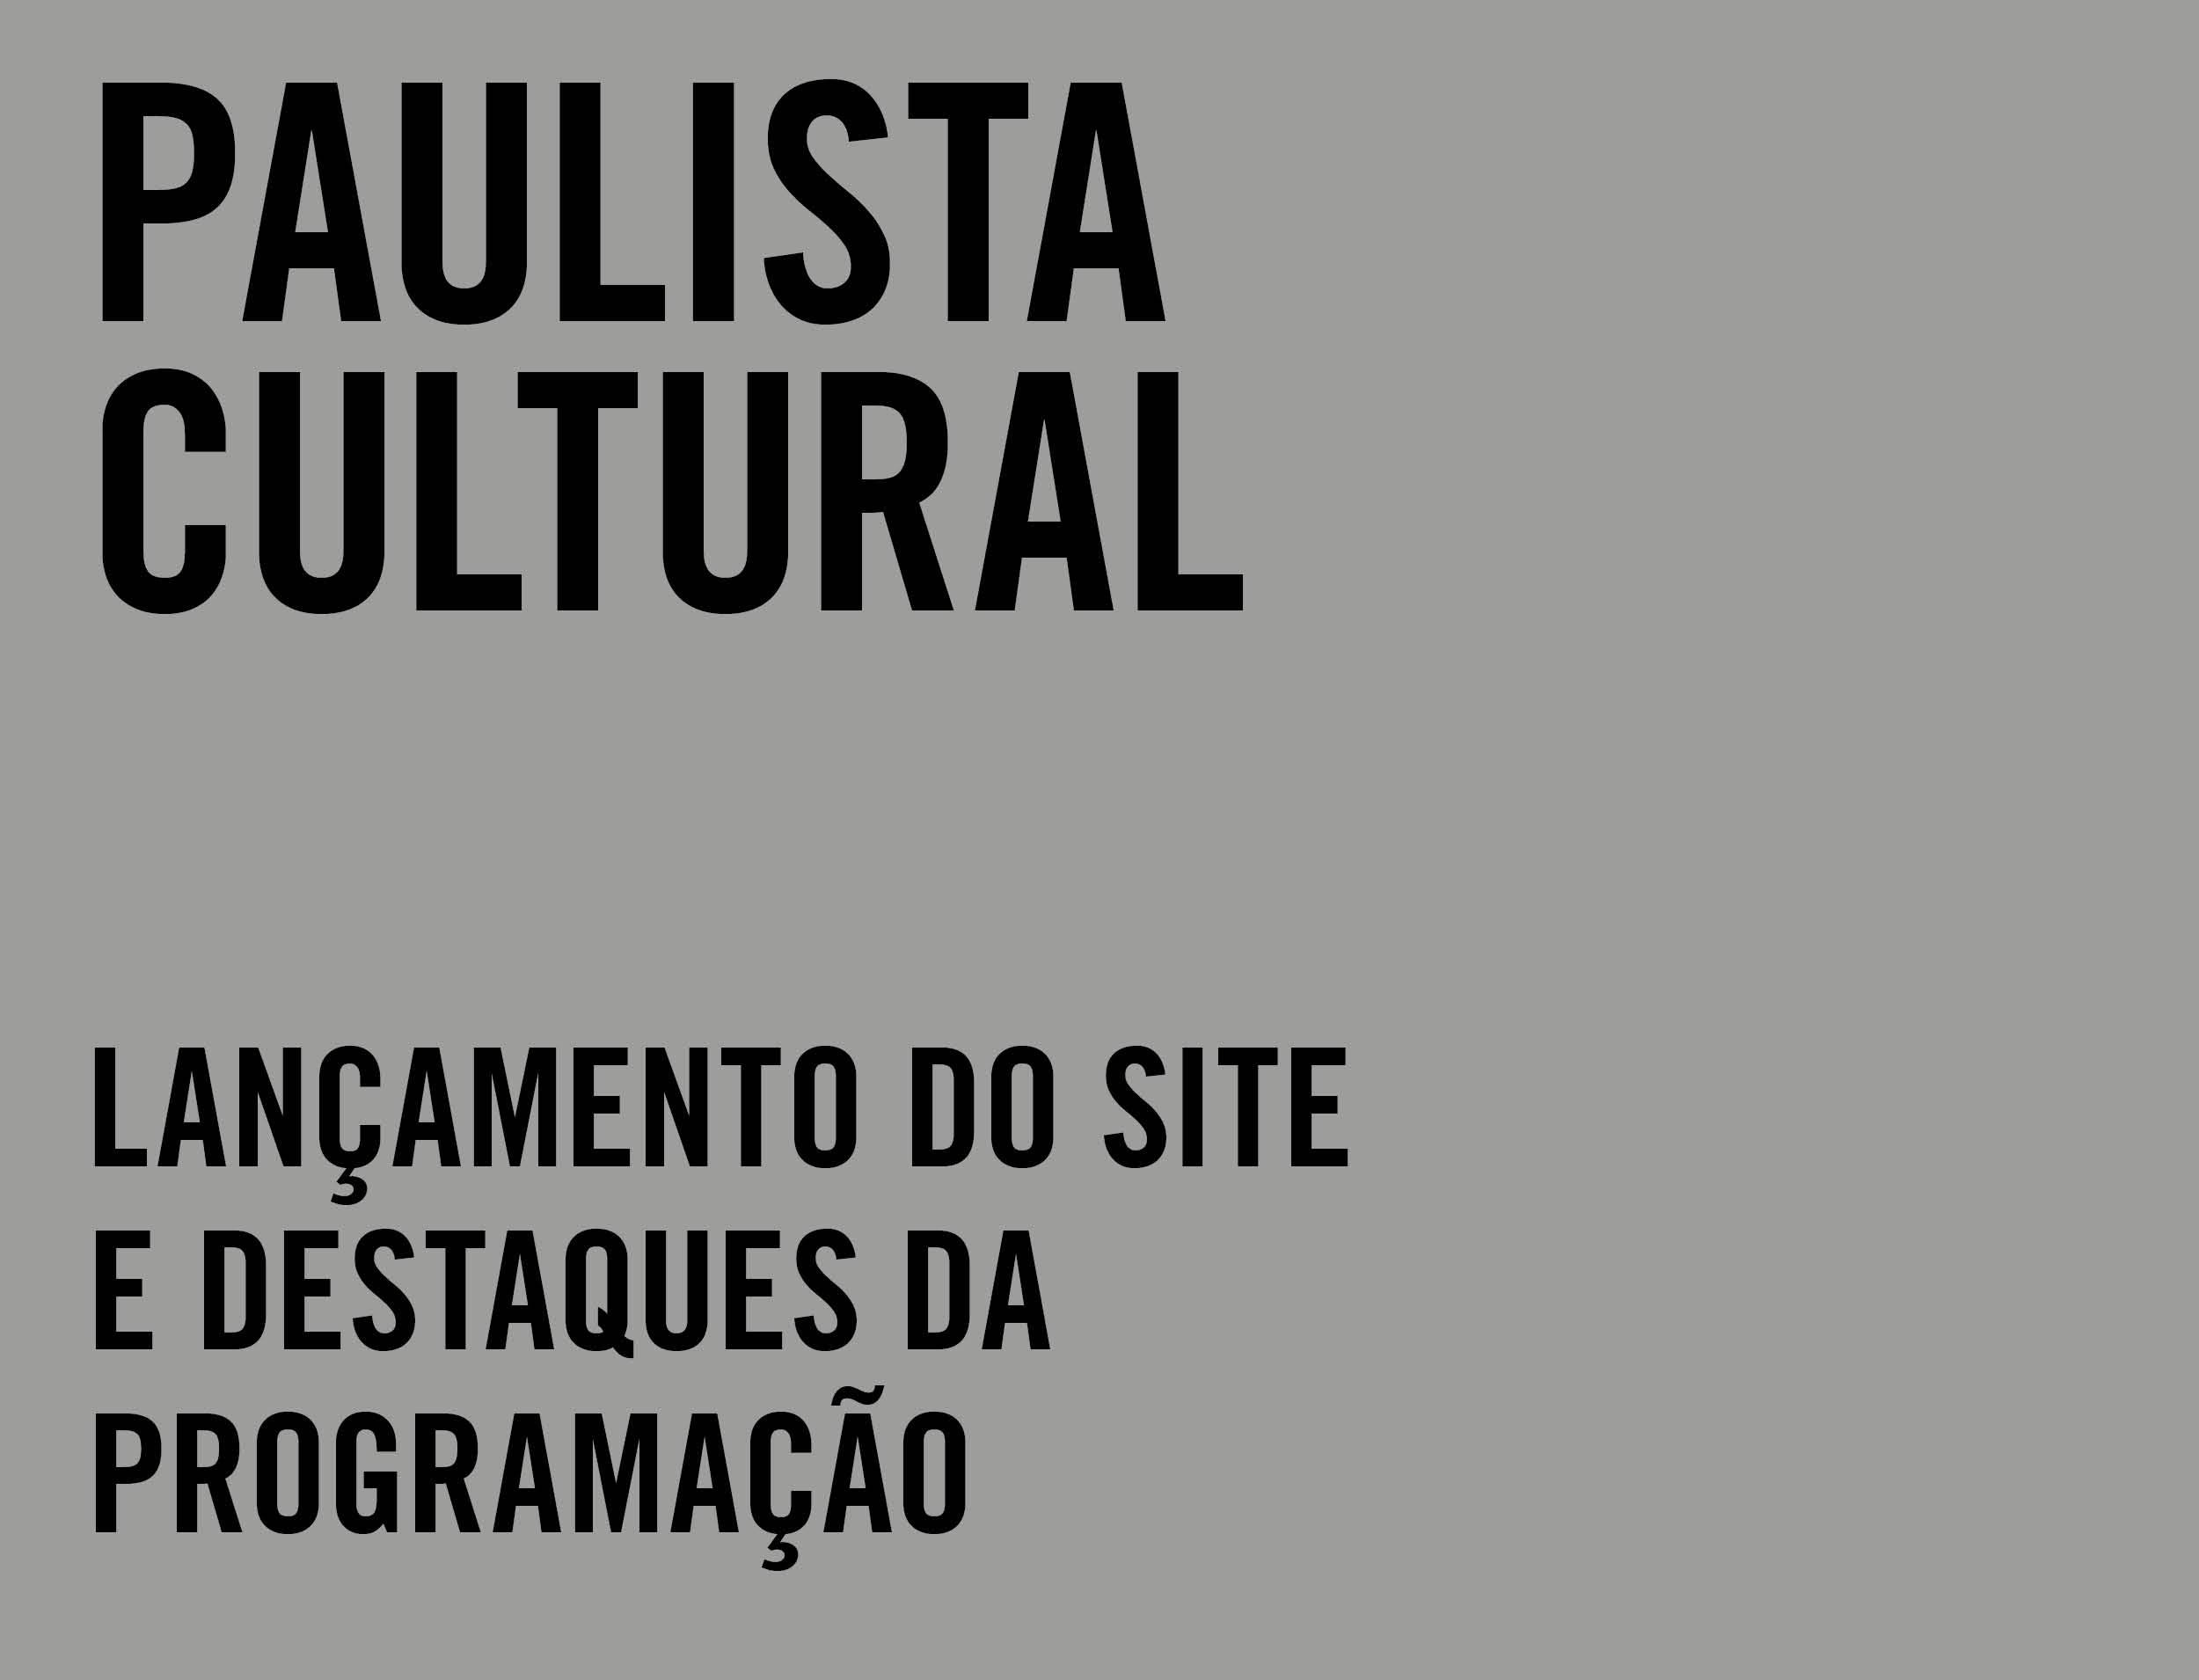 Lançamento do site da Paulista Cultural